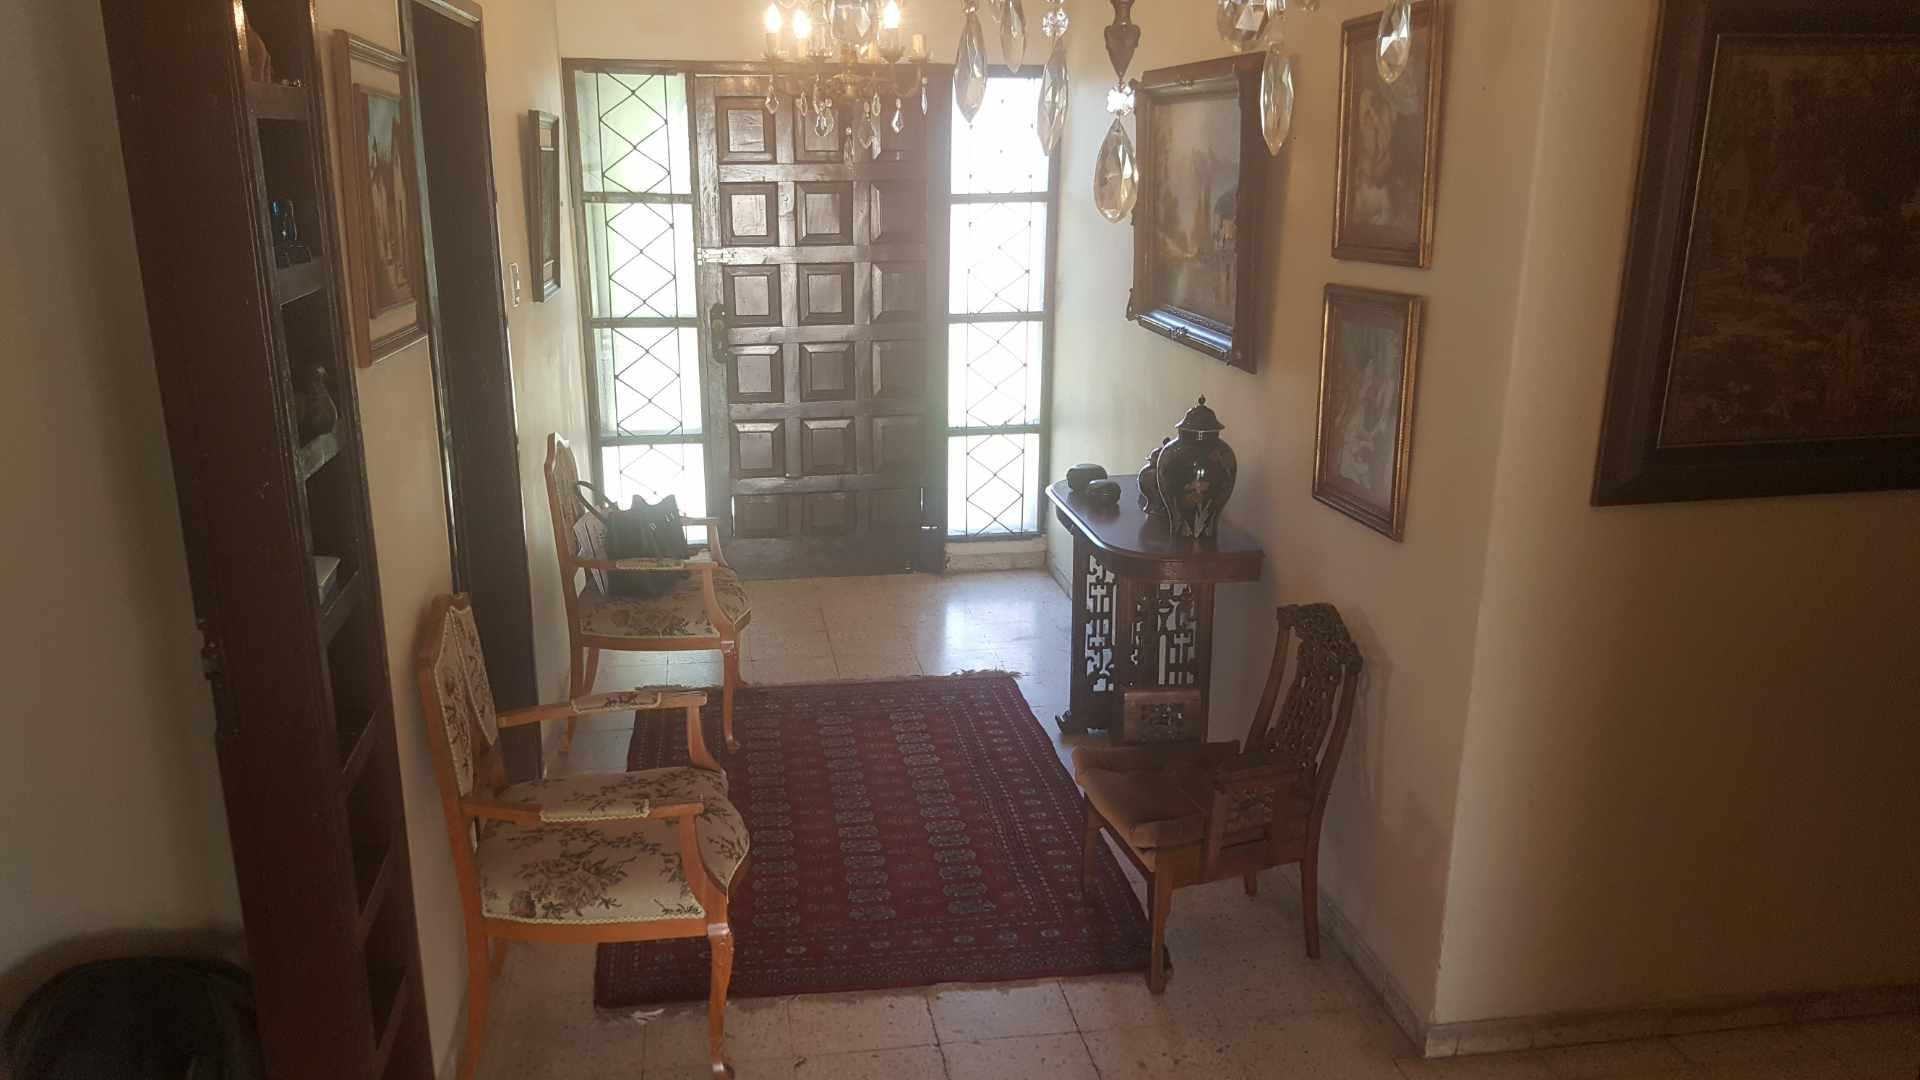 Casa en Venta BARRIO POLANCO, RADIAL 10/CALLE JUAN BLANCO. ENTRE 3er y 4to ANILLO Foto 9